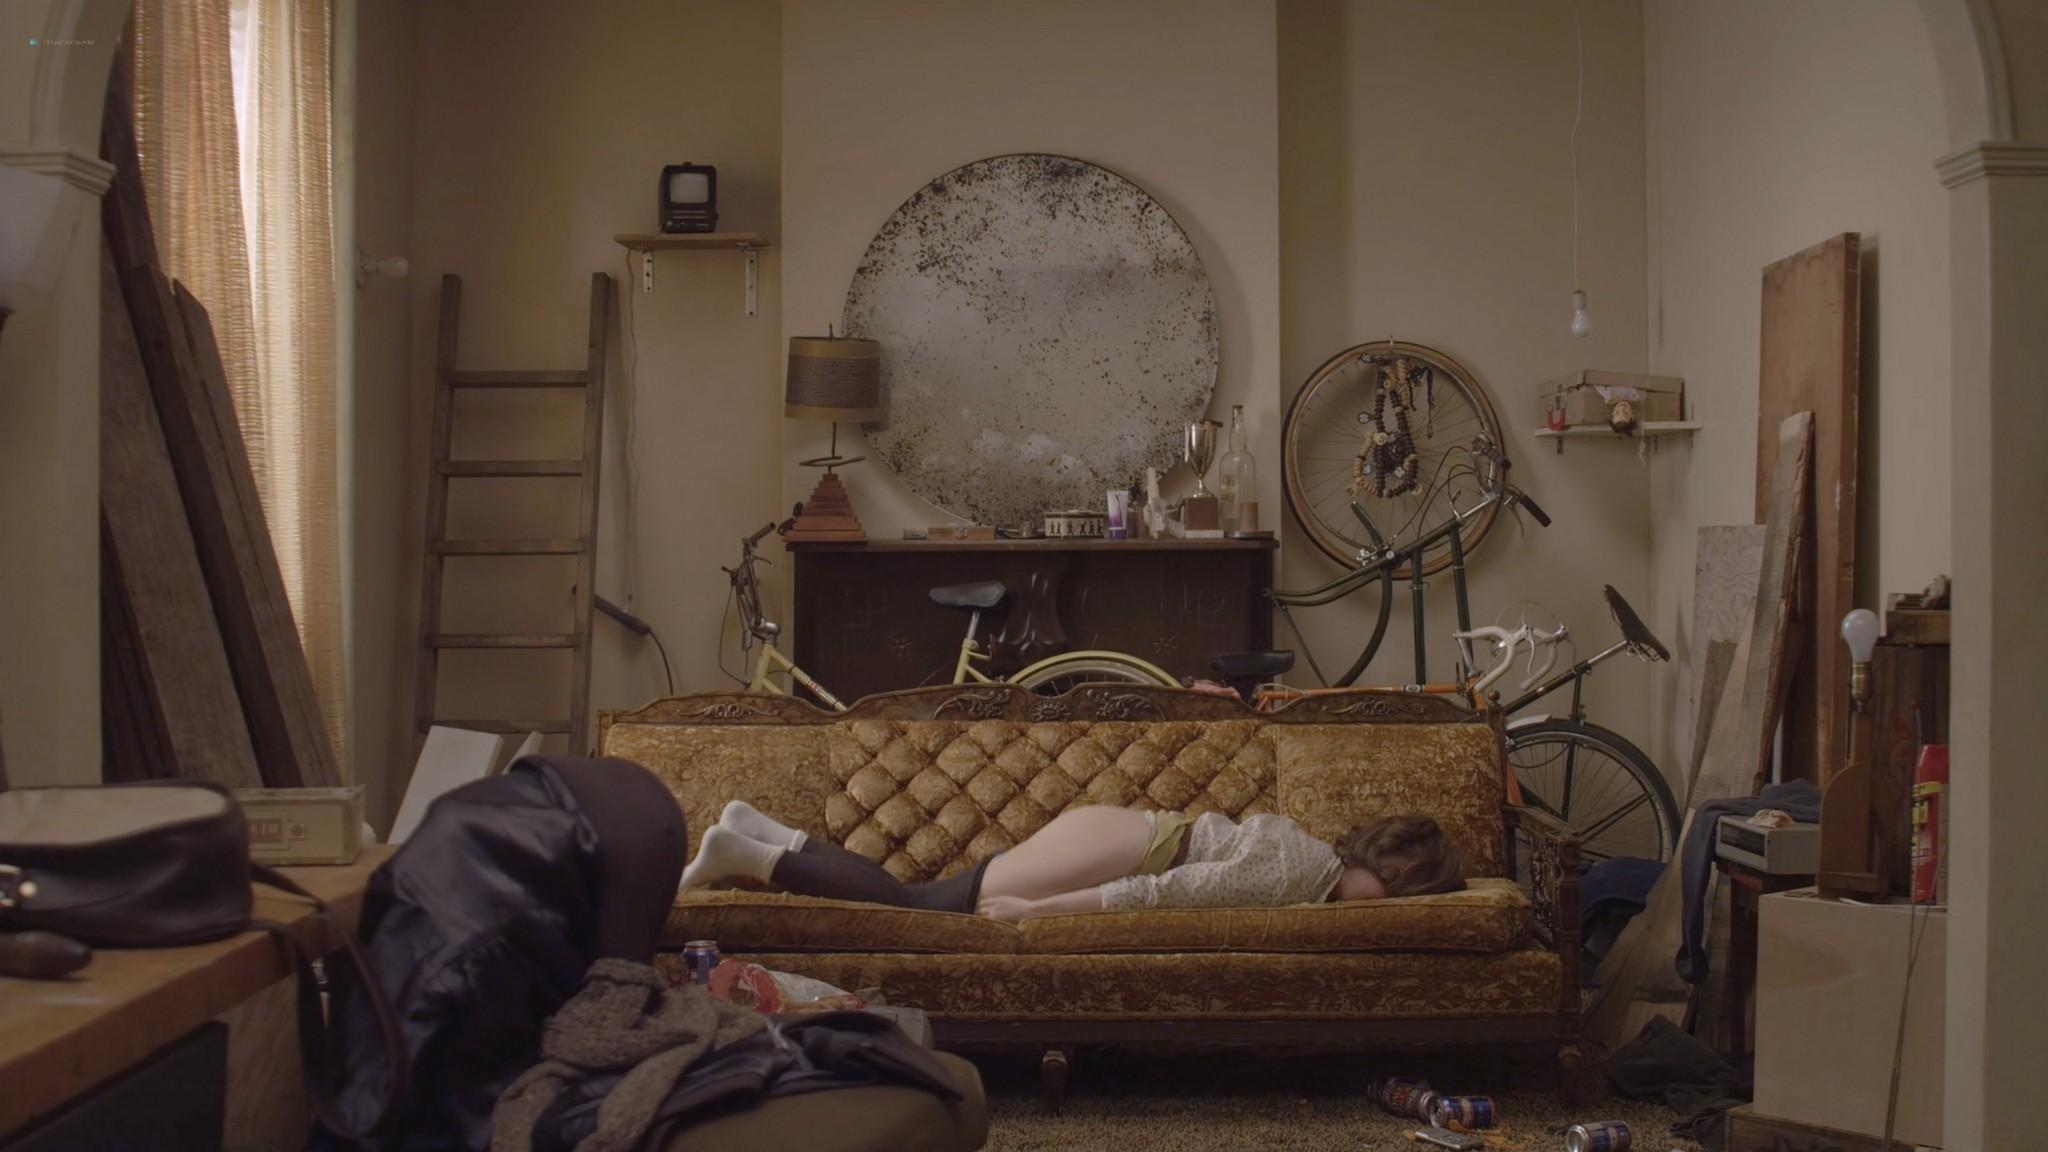 Allison Williams sex doggy style Lena Dunham nude Girls 2012 s1e1 2 1080p Web 4